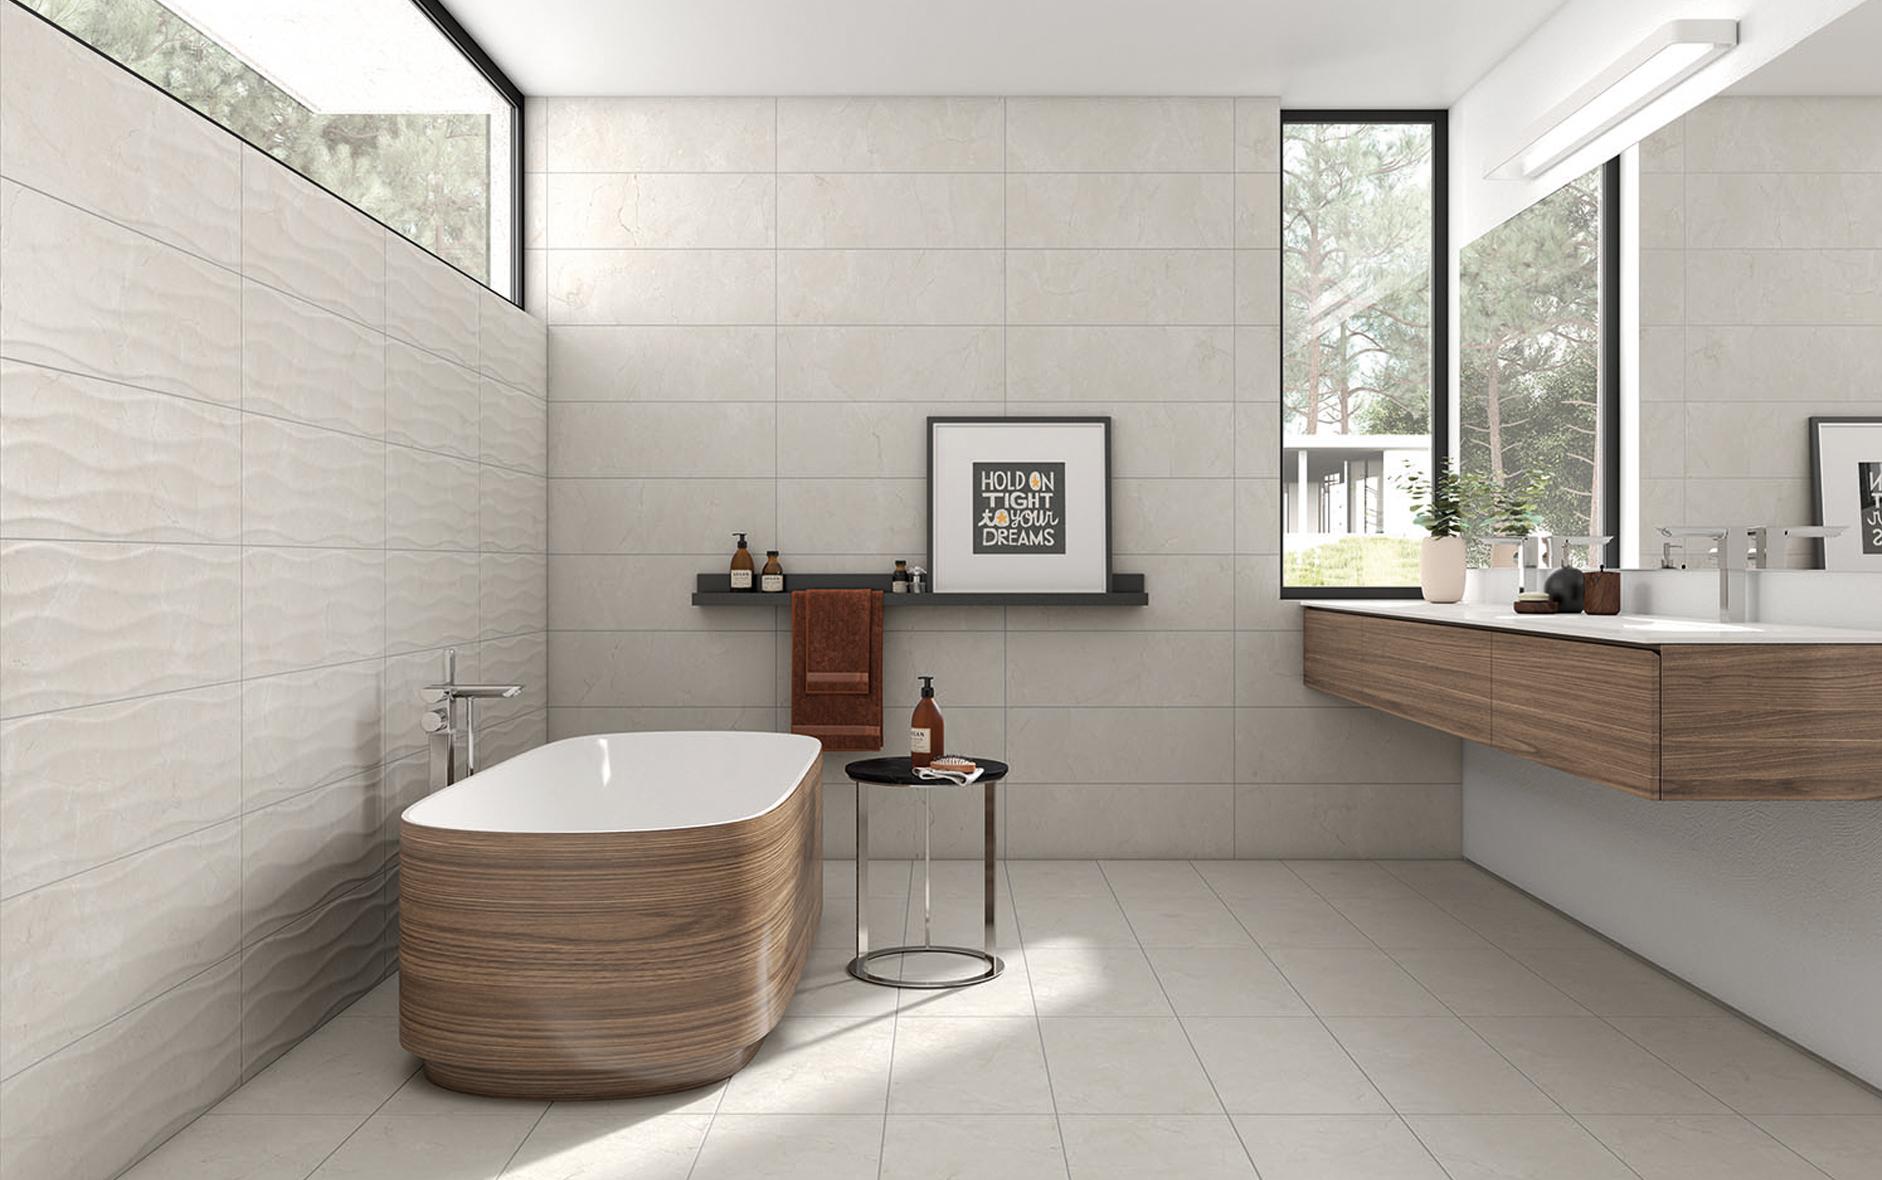 Badrumsinspiration – Produktsortiment av badrumsmöbler, kakel och klinker från ledande leverantörer.